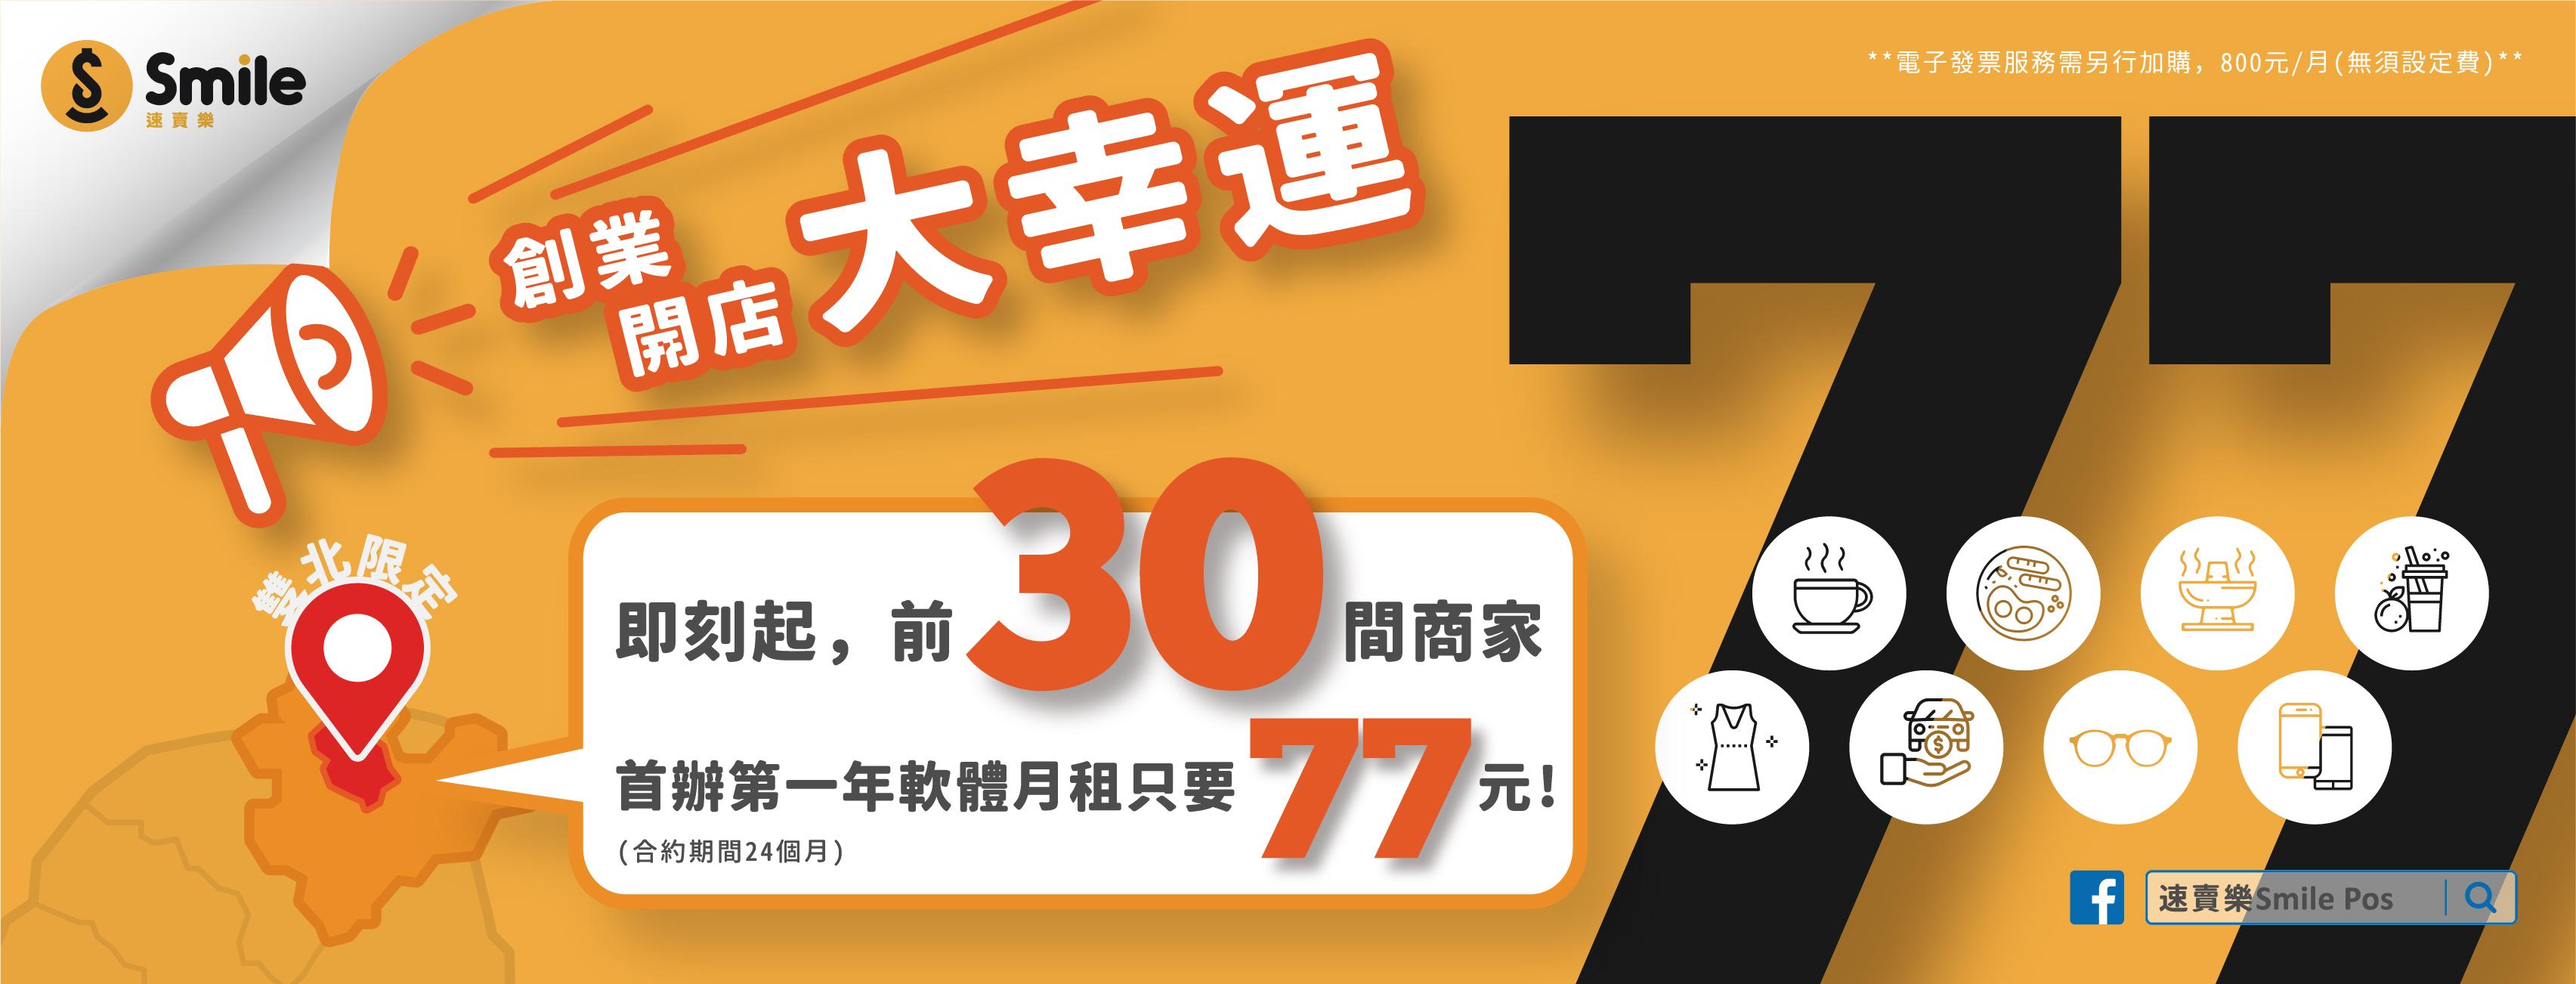 速賣樂-FB封面設計-190722_工作區域 1 複本